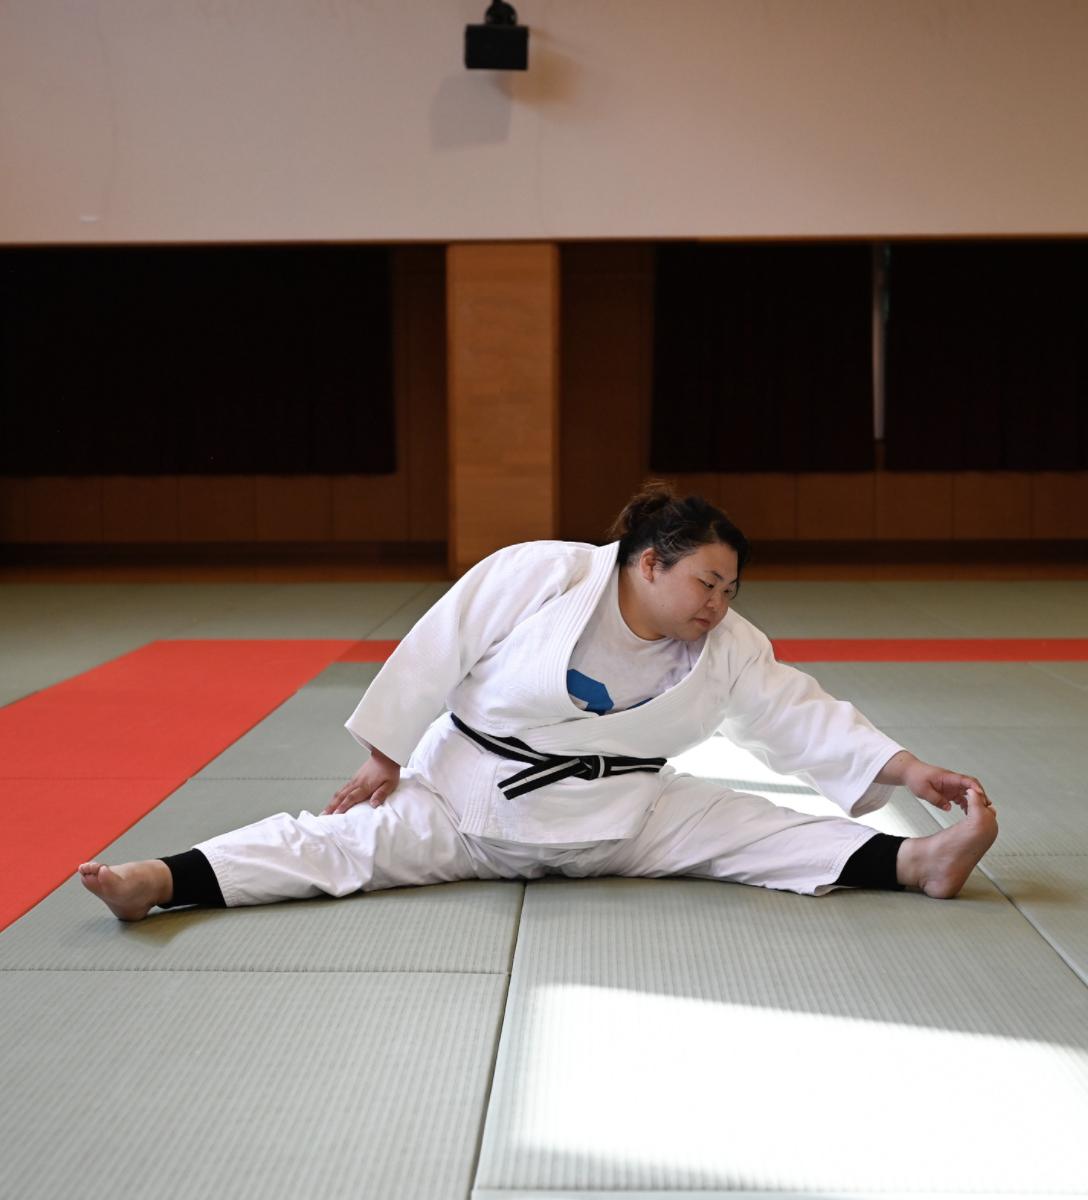 Judokate japonaise qui s'assouplit au sol